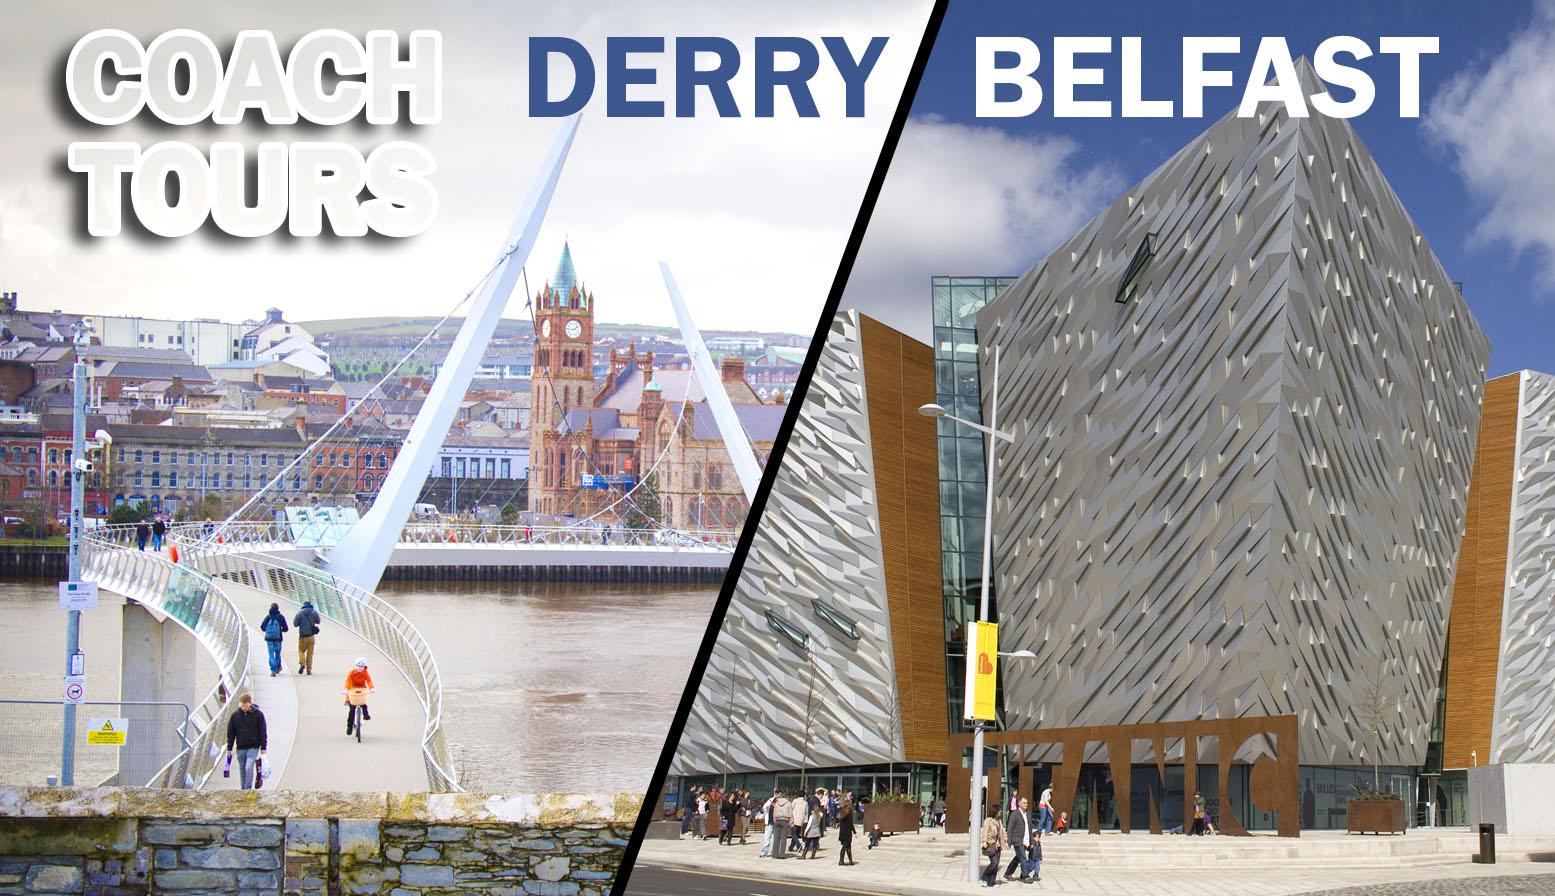 Coach Tour of Derry (£50) / Belfast (£70)